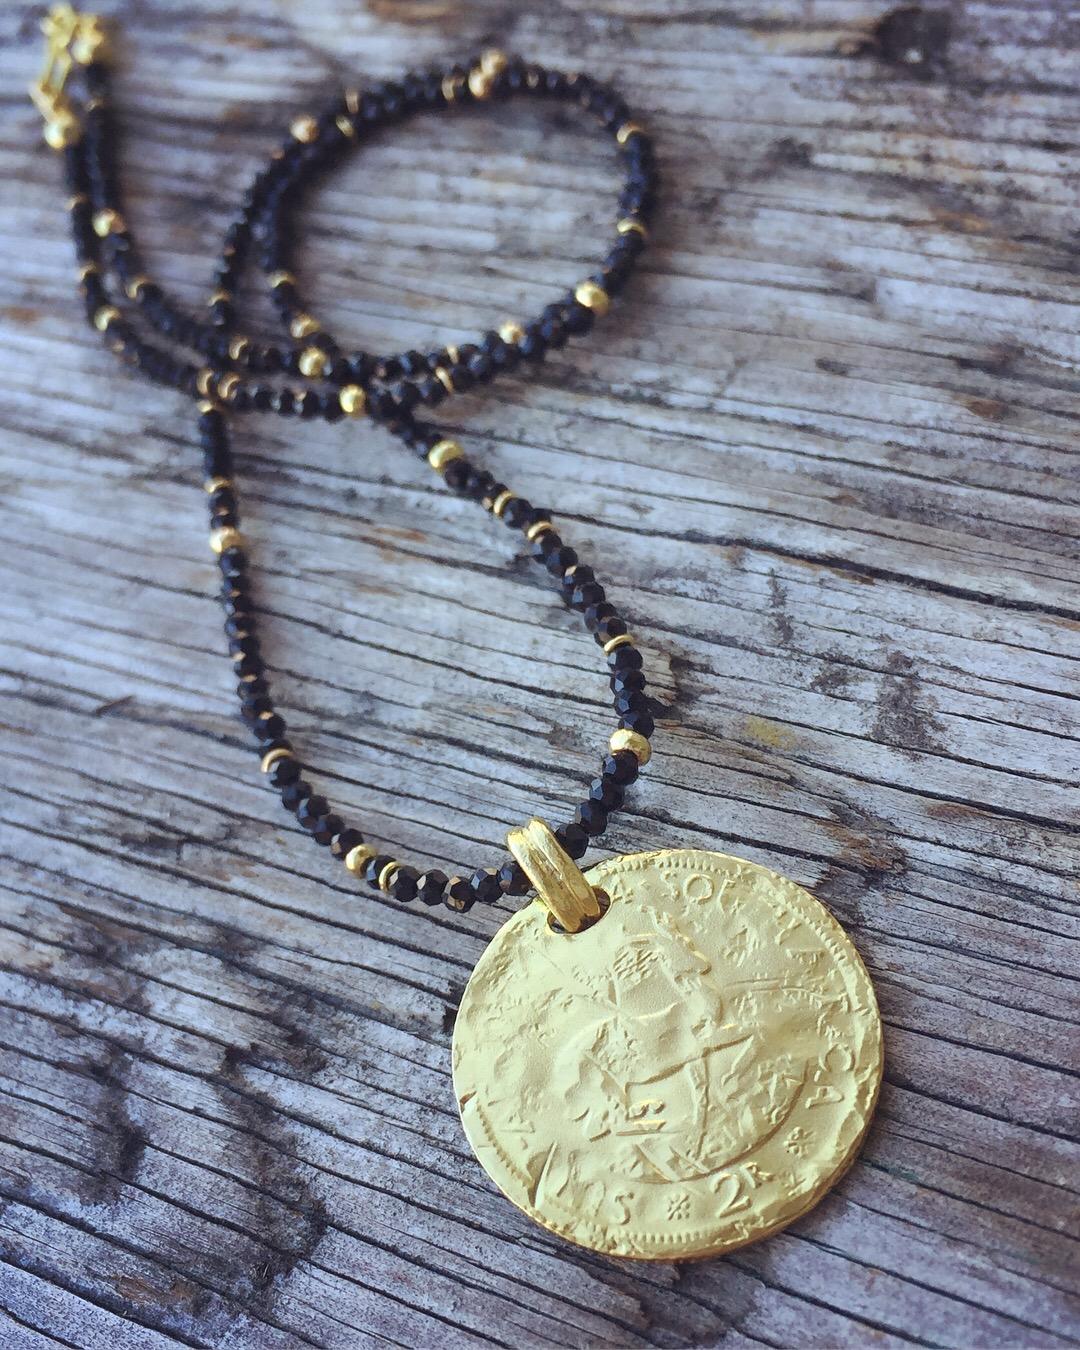 verena-strigler-gold-coin-black-spinel-krugerrand-vancouver.jpg